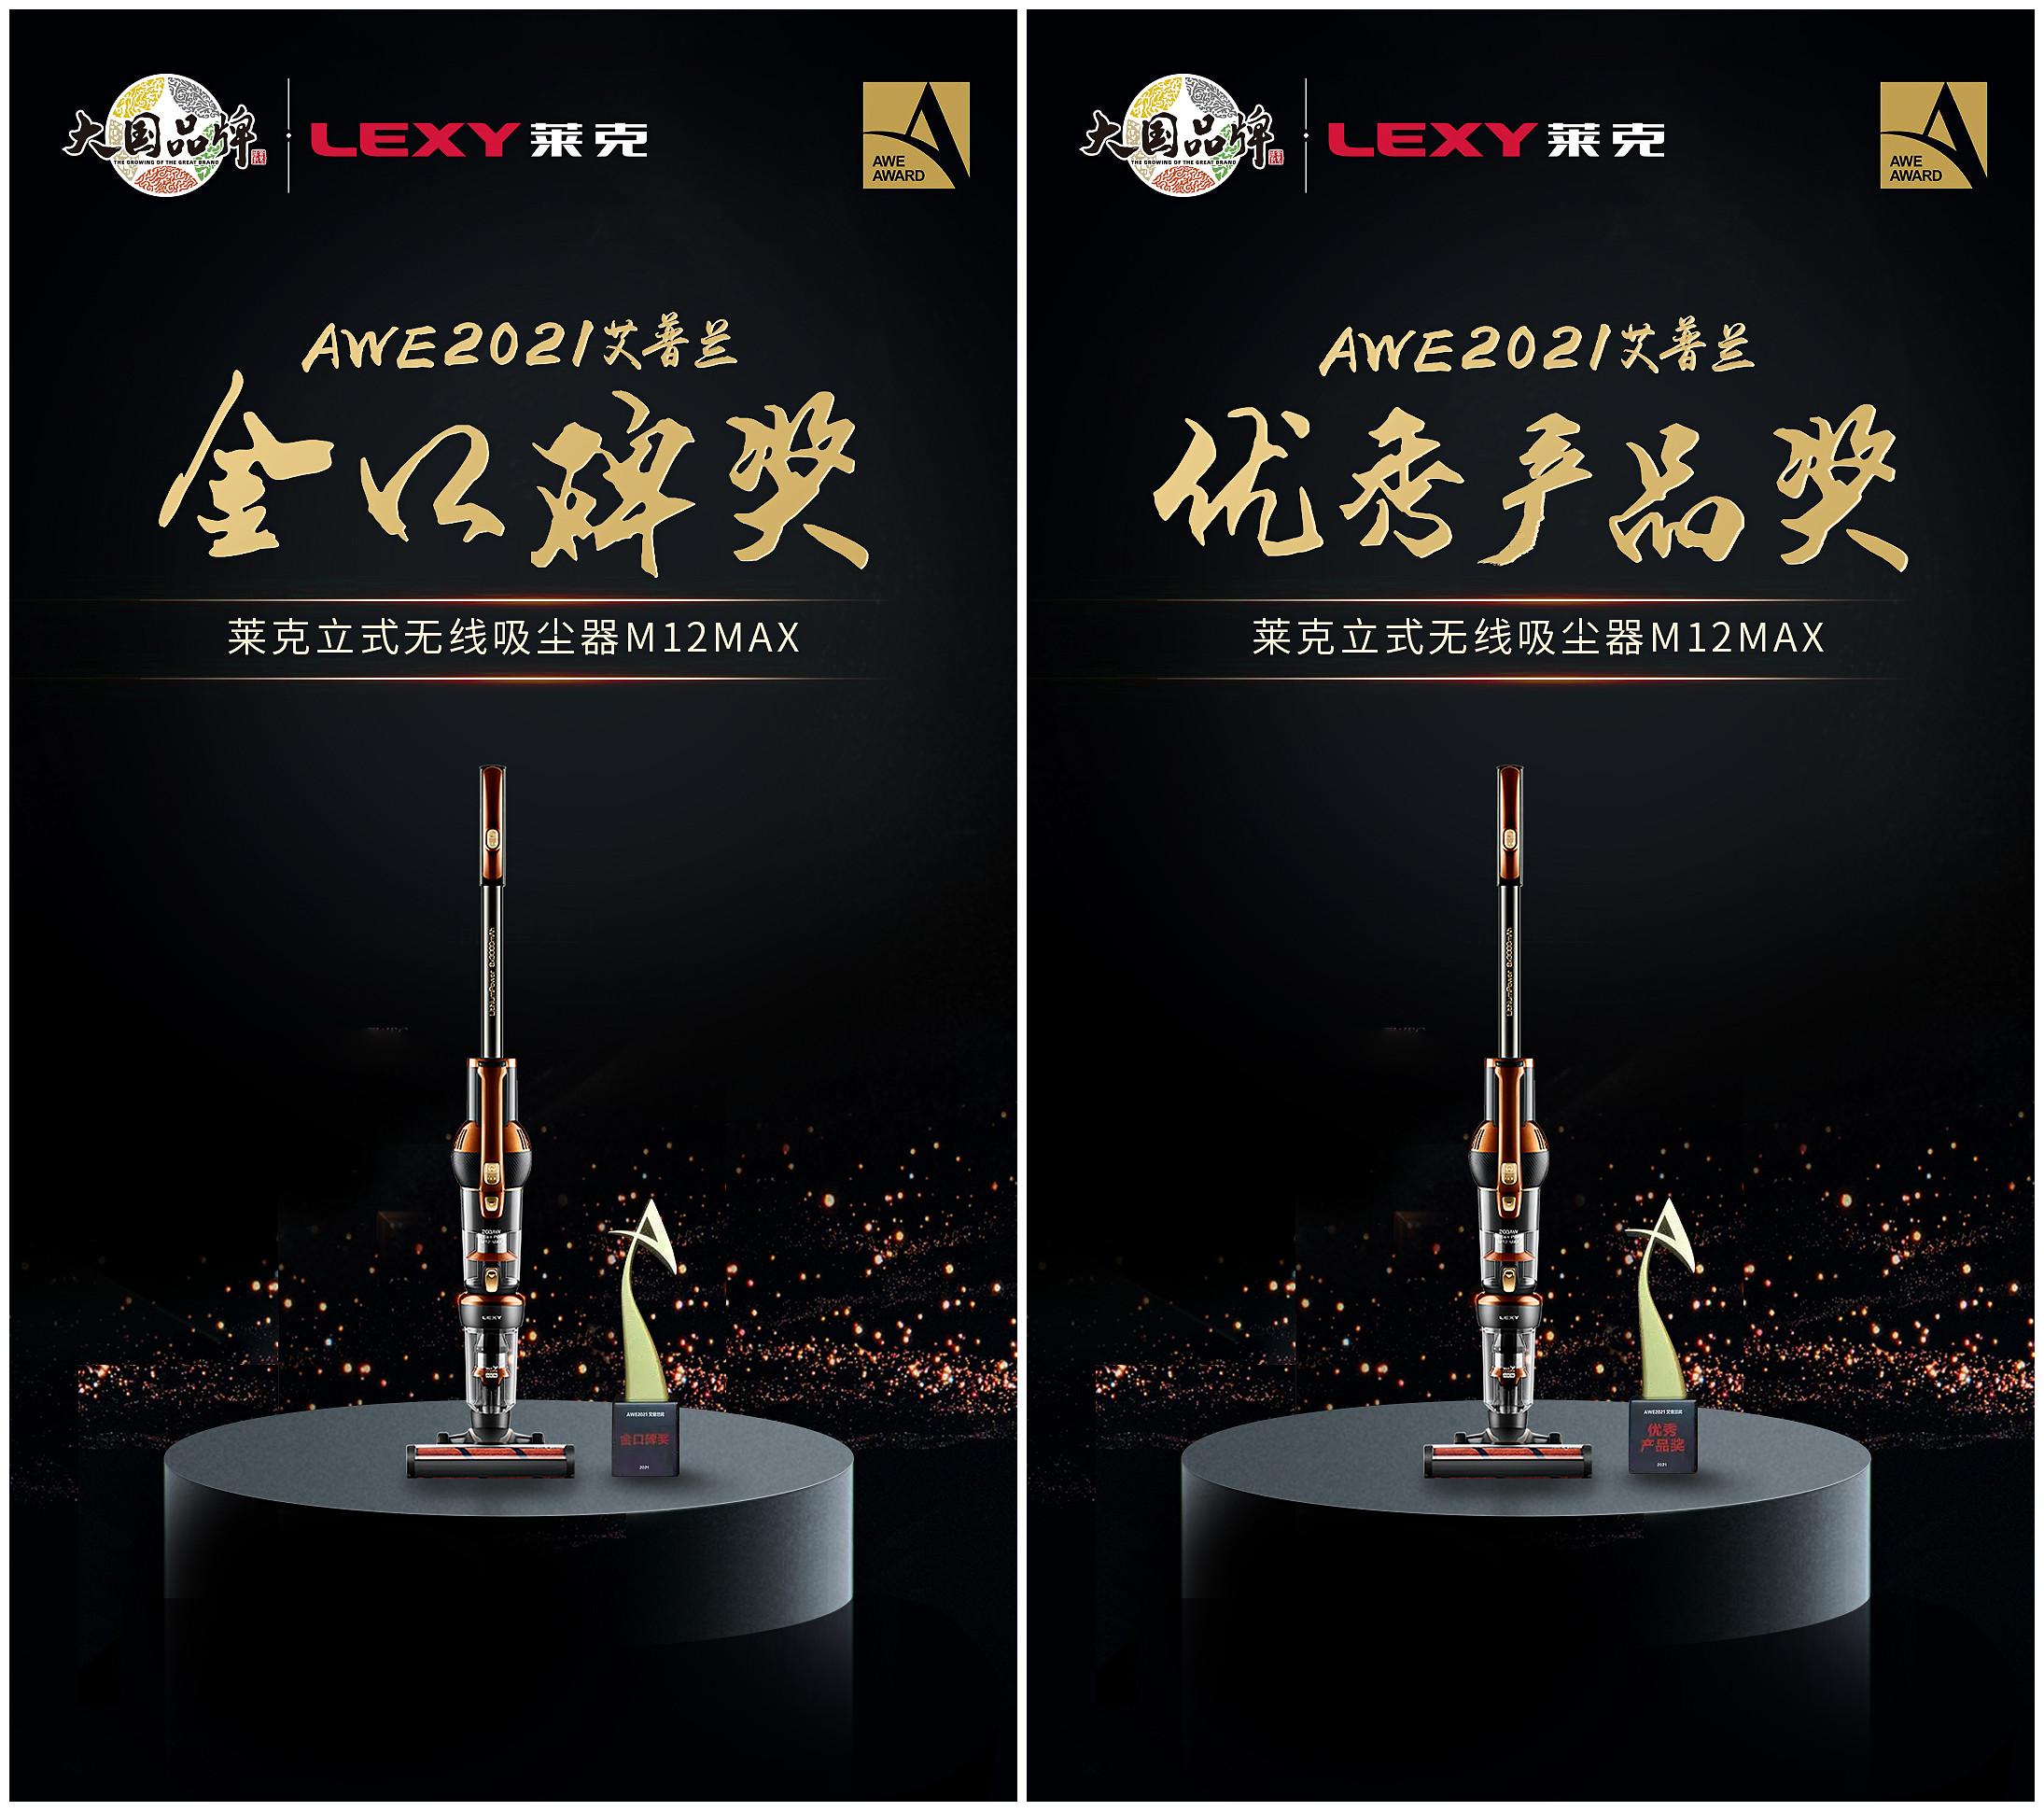 """AWE艾普兰盛会,莱克荣获五项""""全球智慧生活领域奥斯卡"""""""